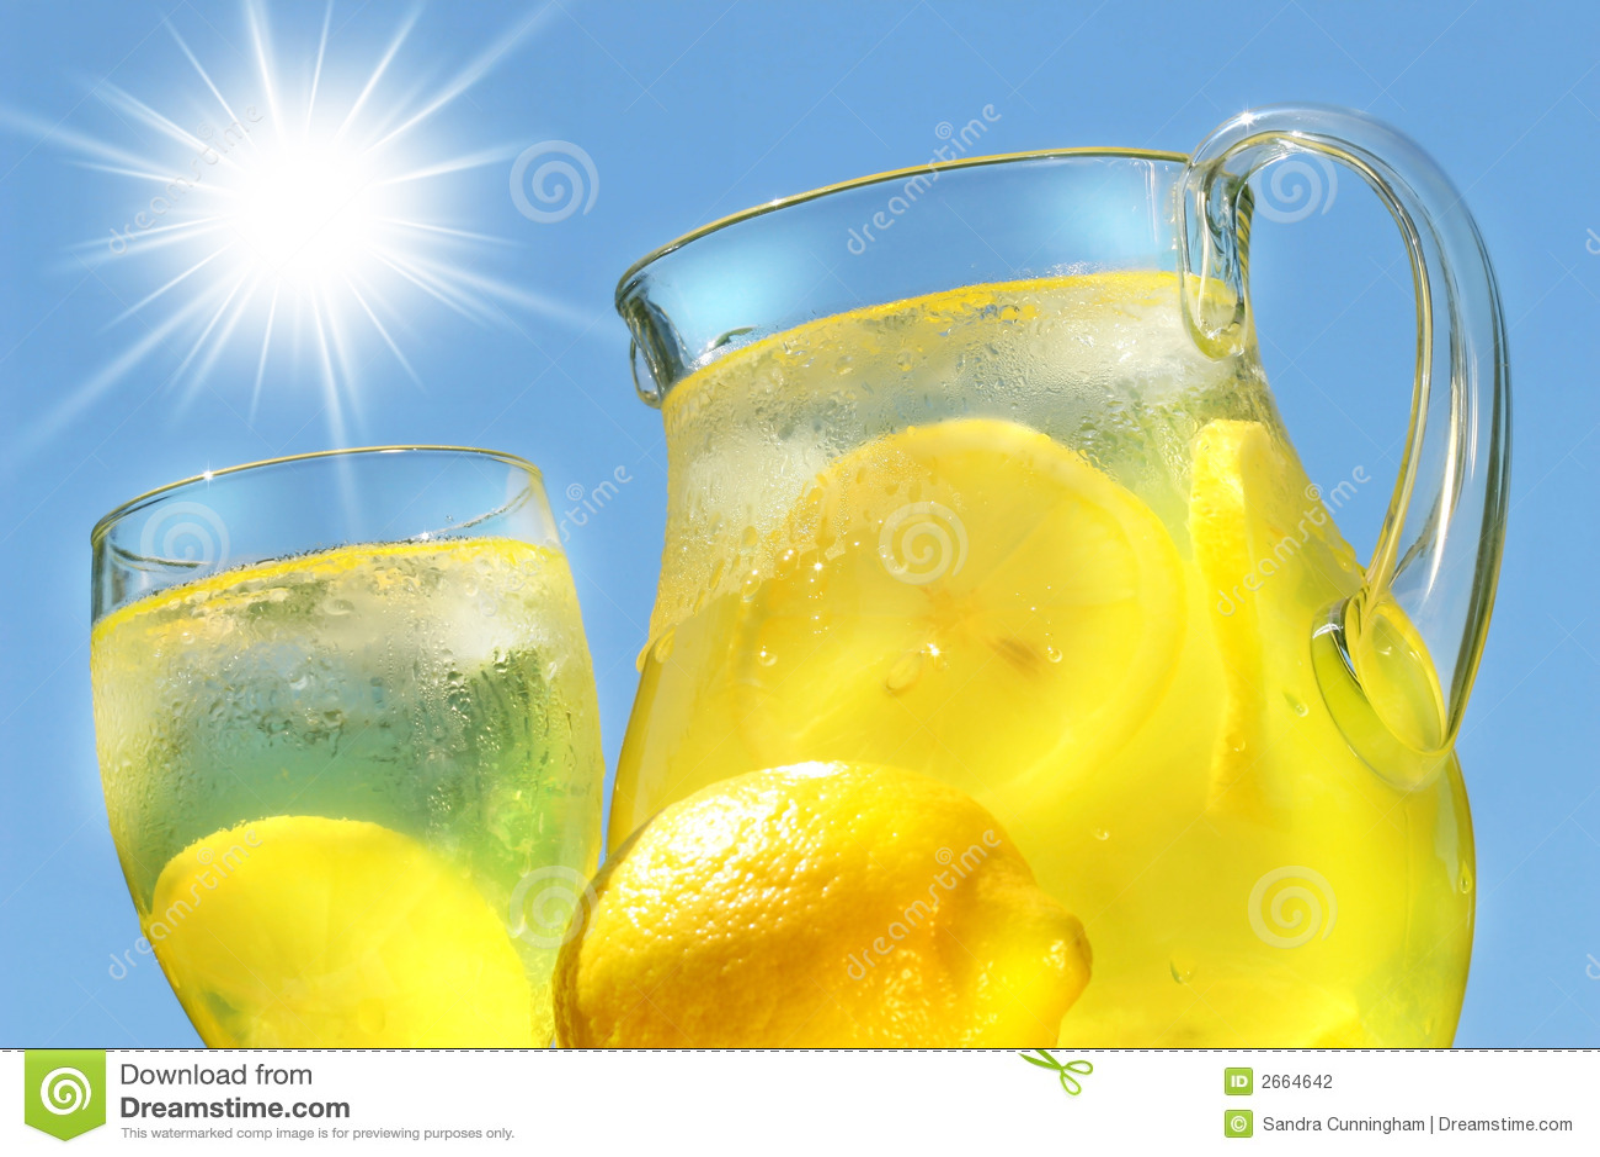 冷静柠檬水